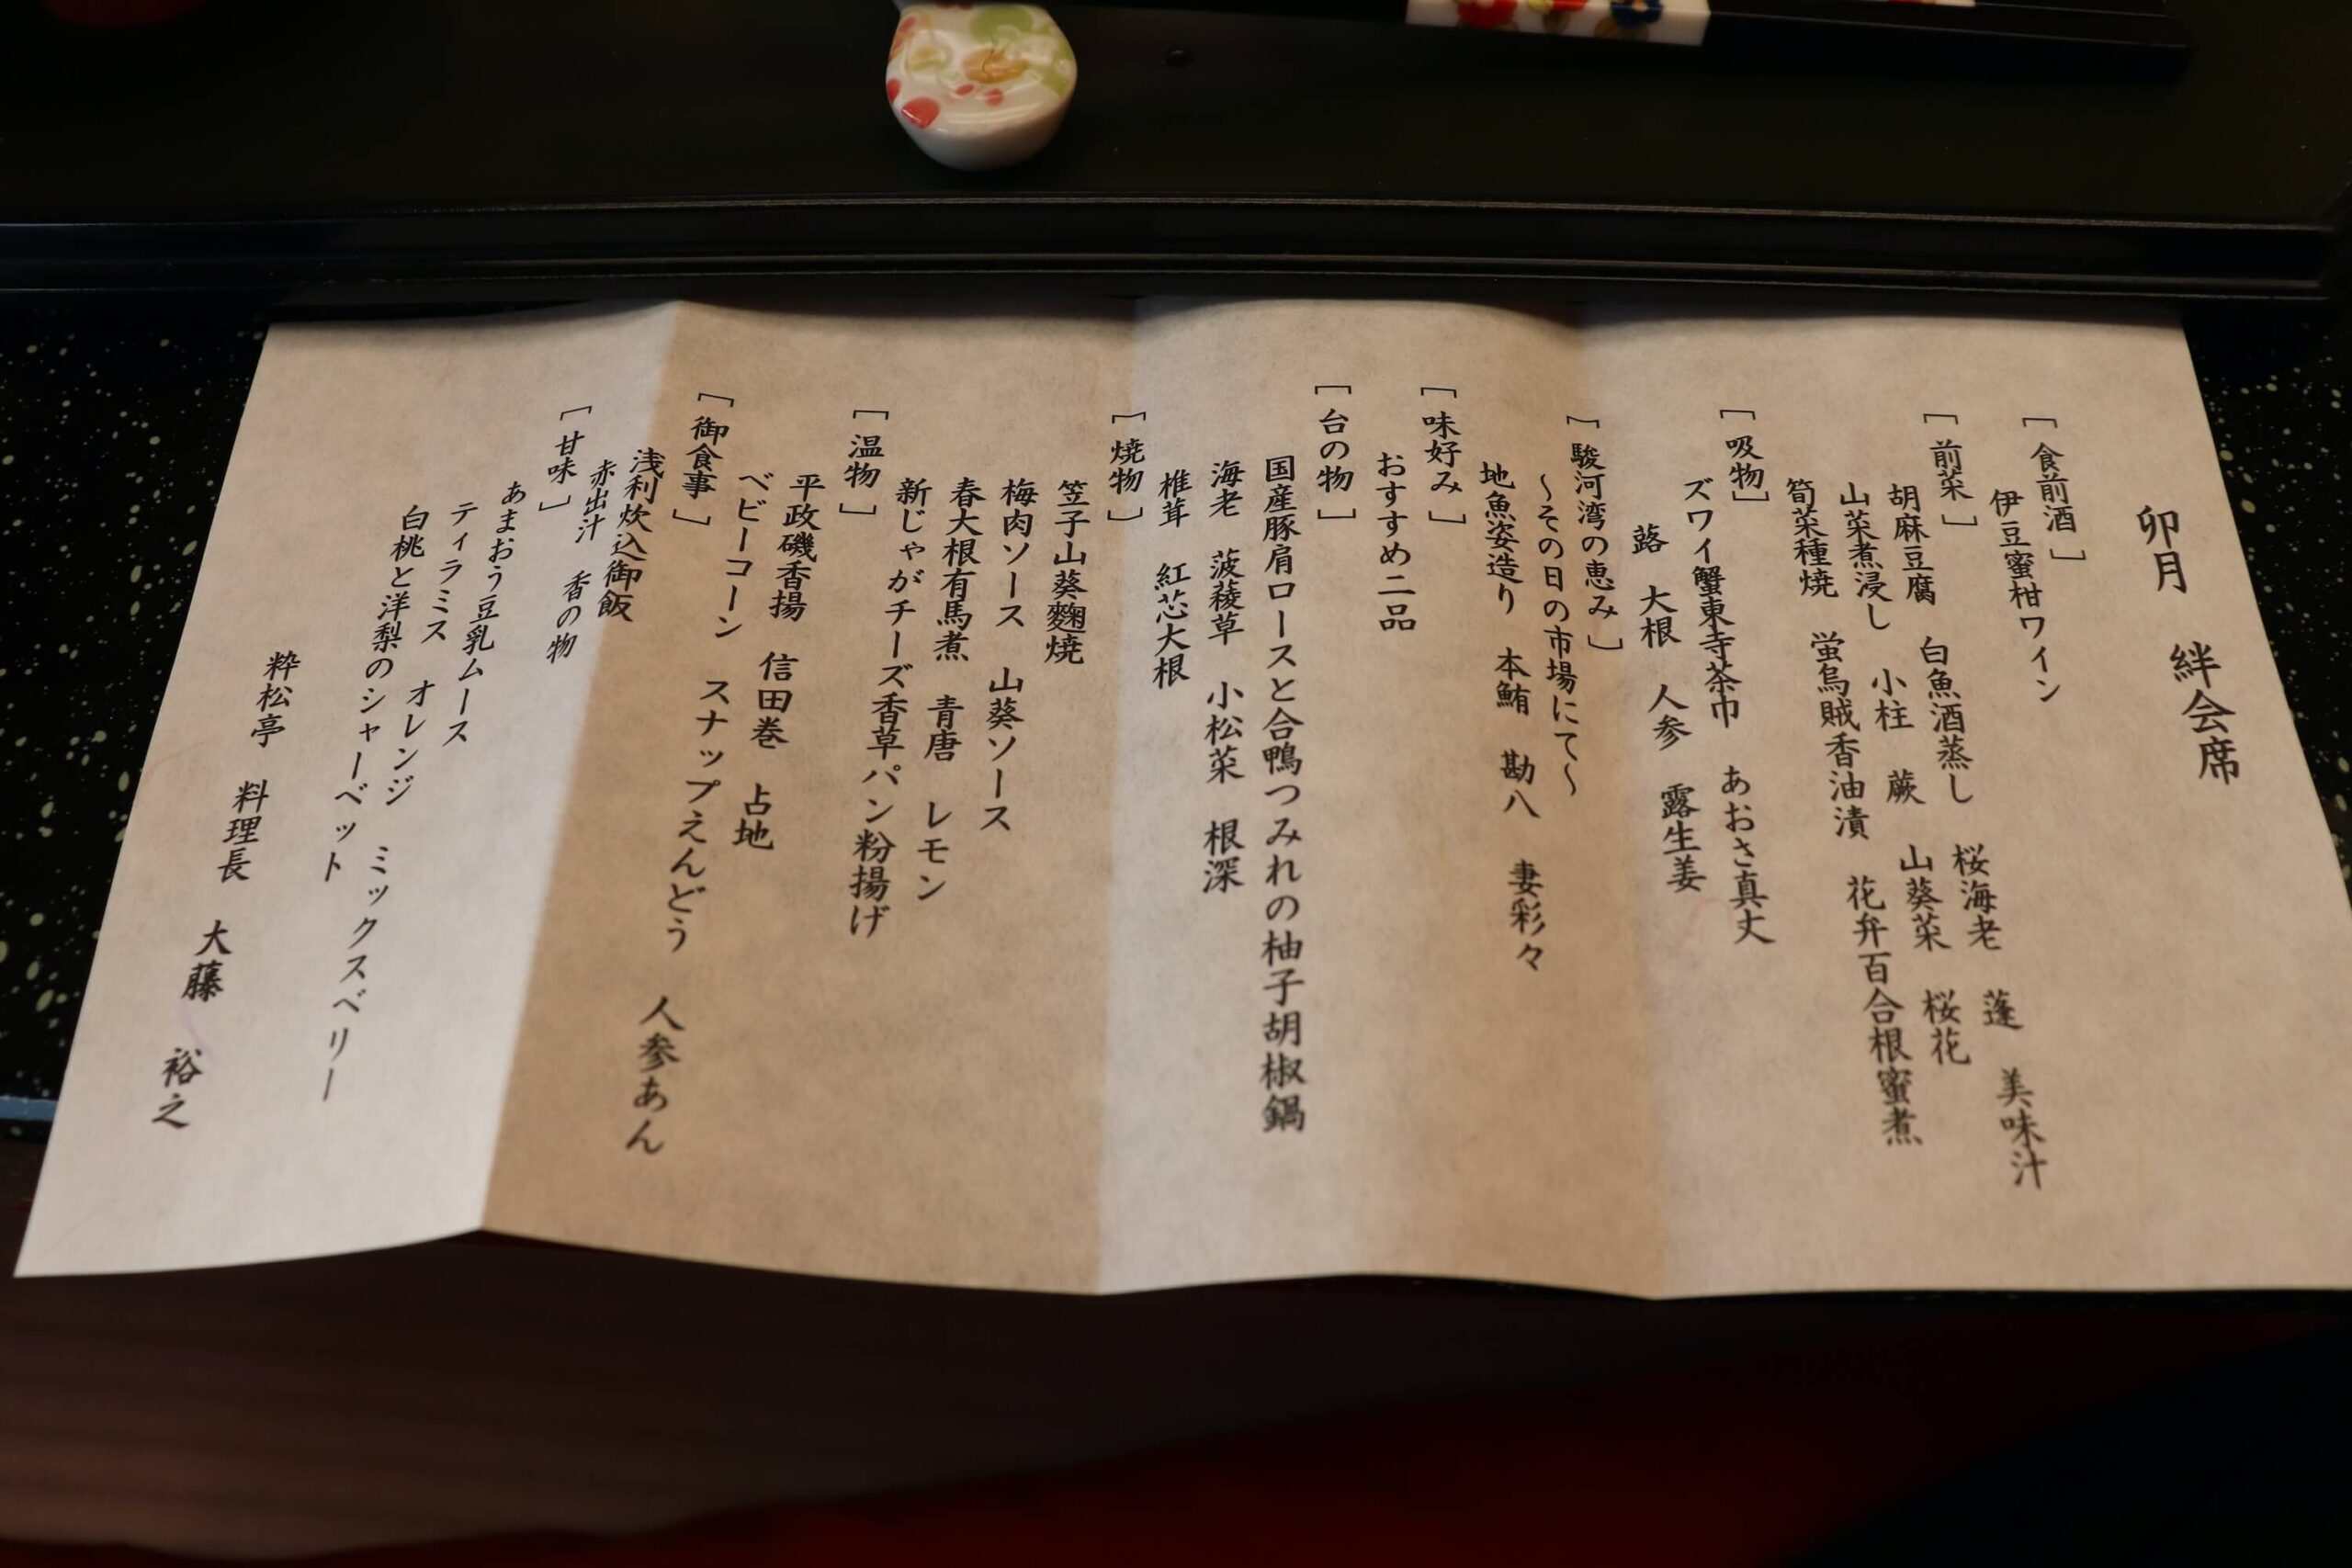 粋松亭の絆会席料理(夕食)のメニュー